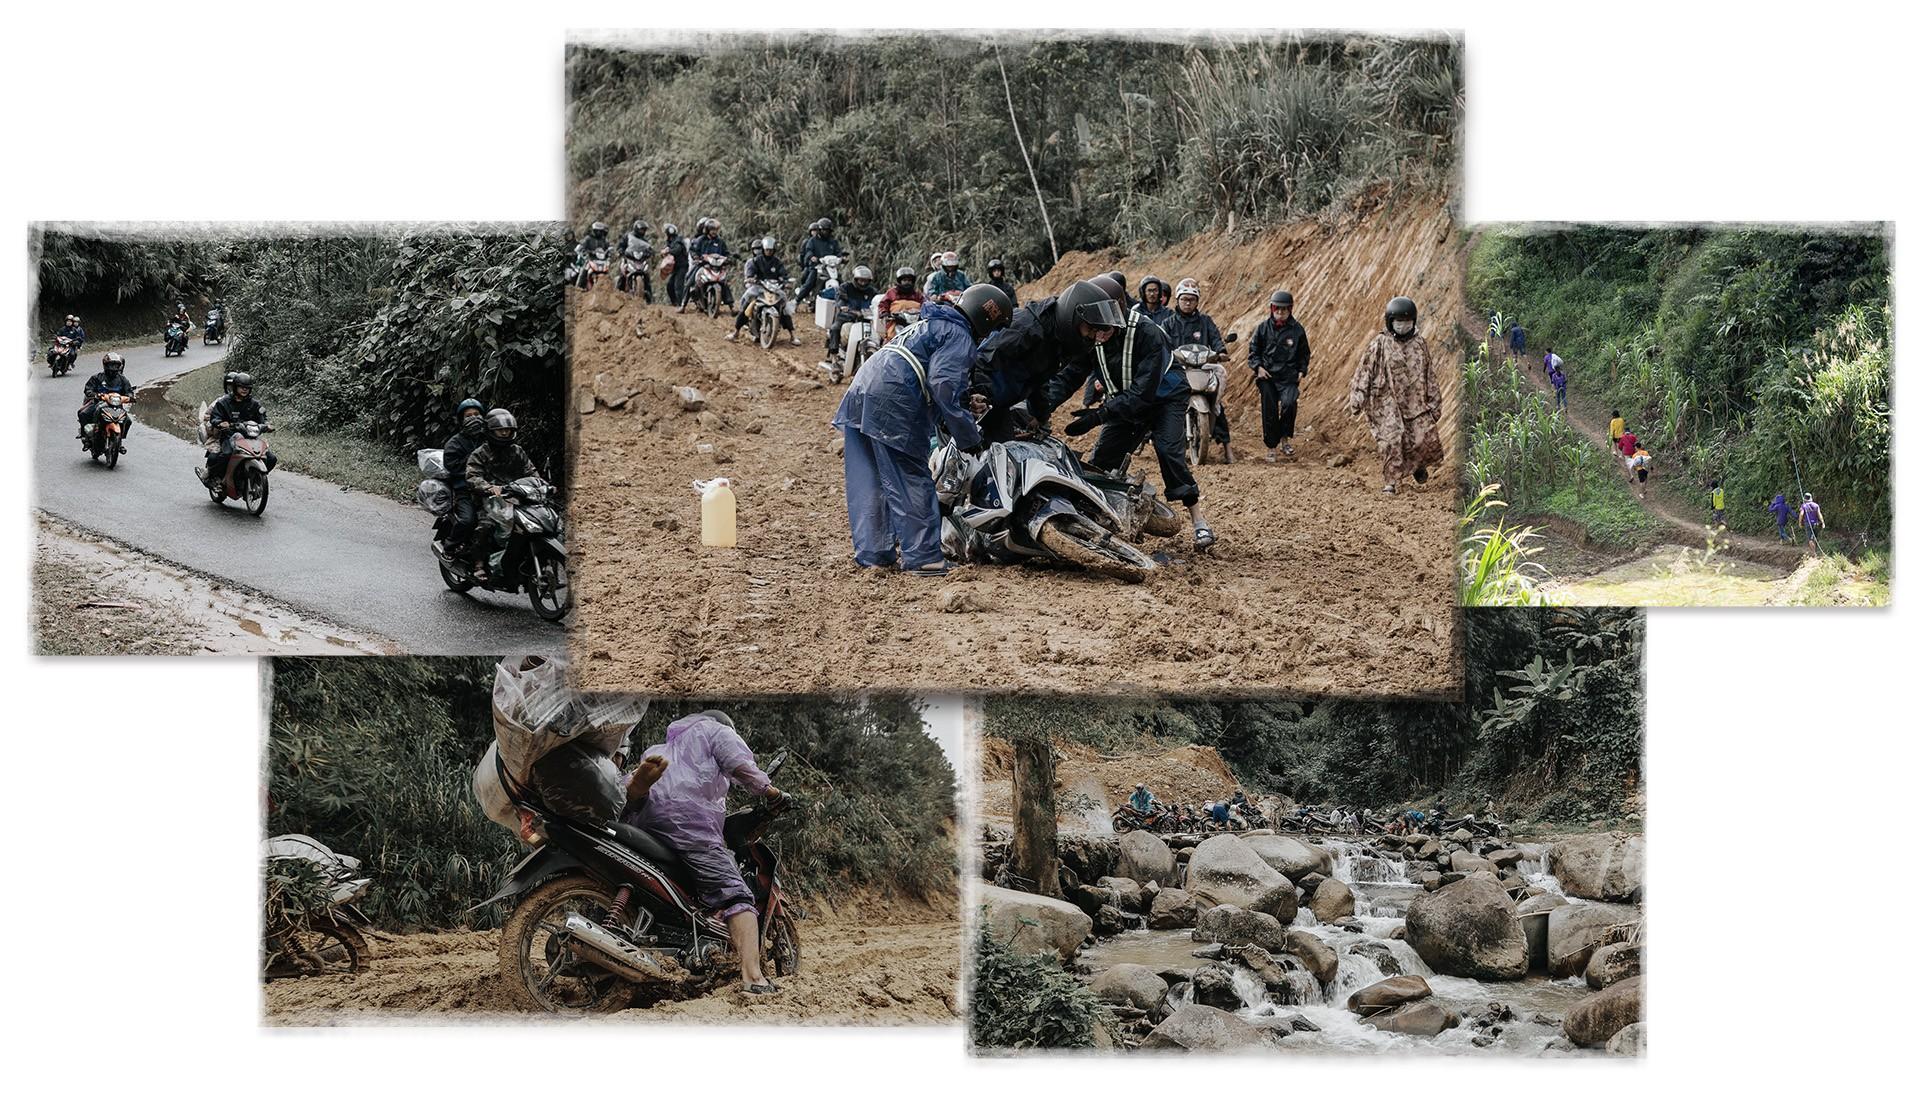 Hành trình cõng gạo cứu đói ở vùng biên của 70 người trẻ - Ảnh 3.